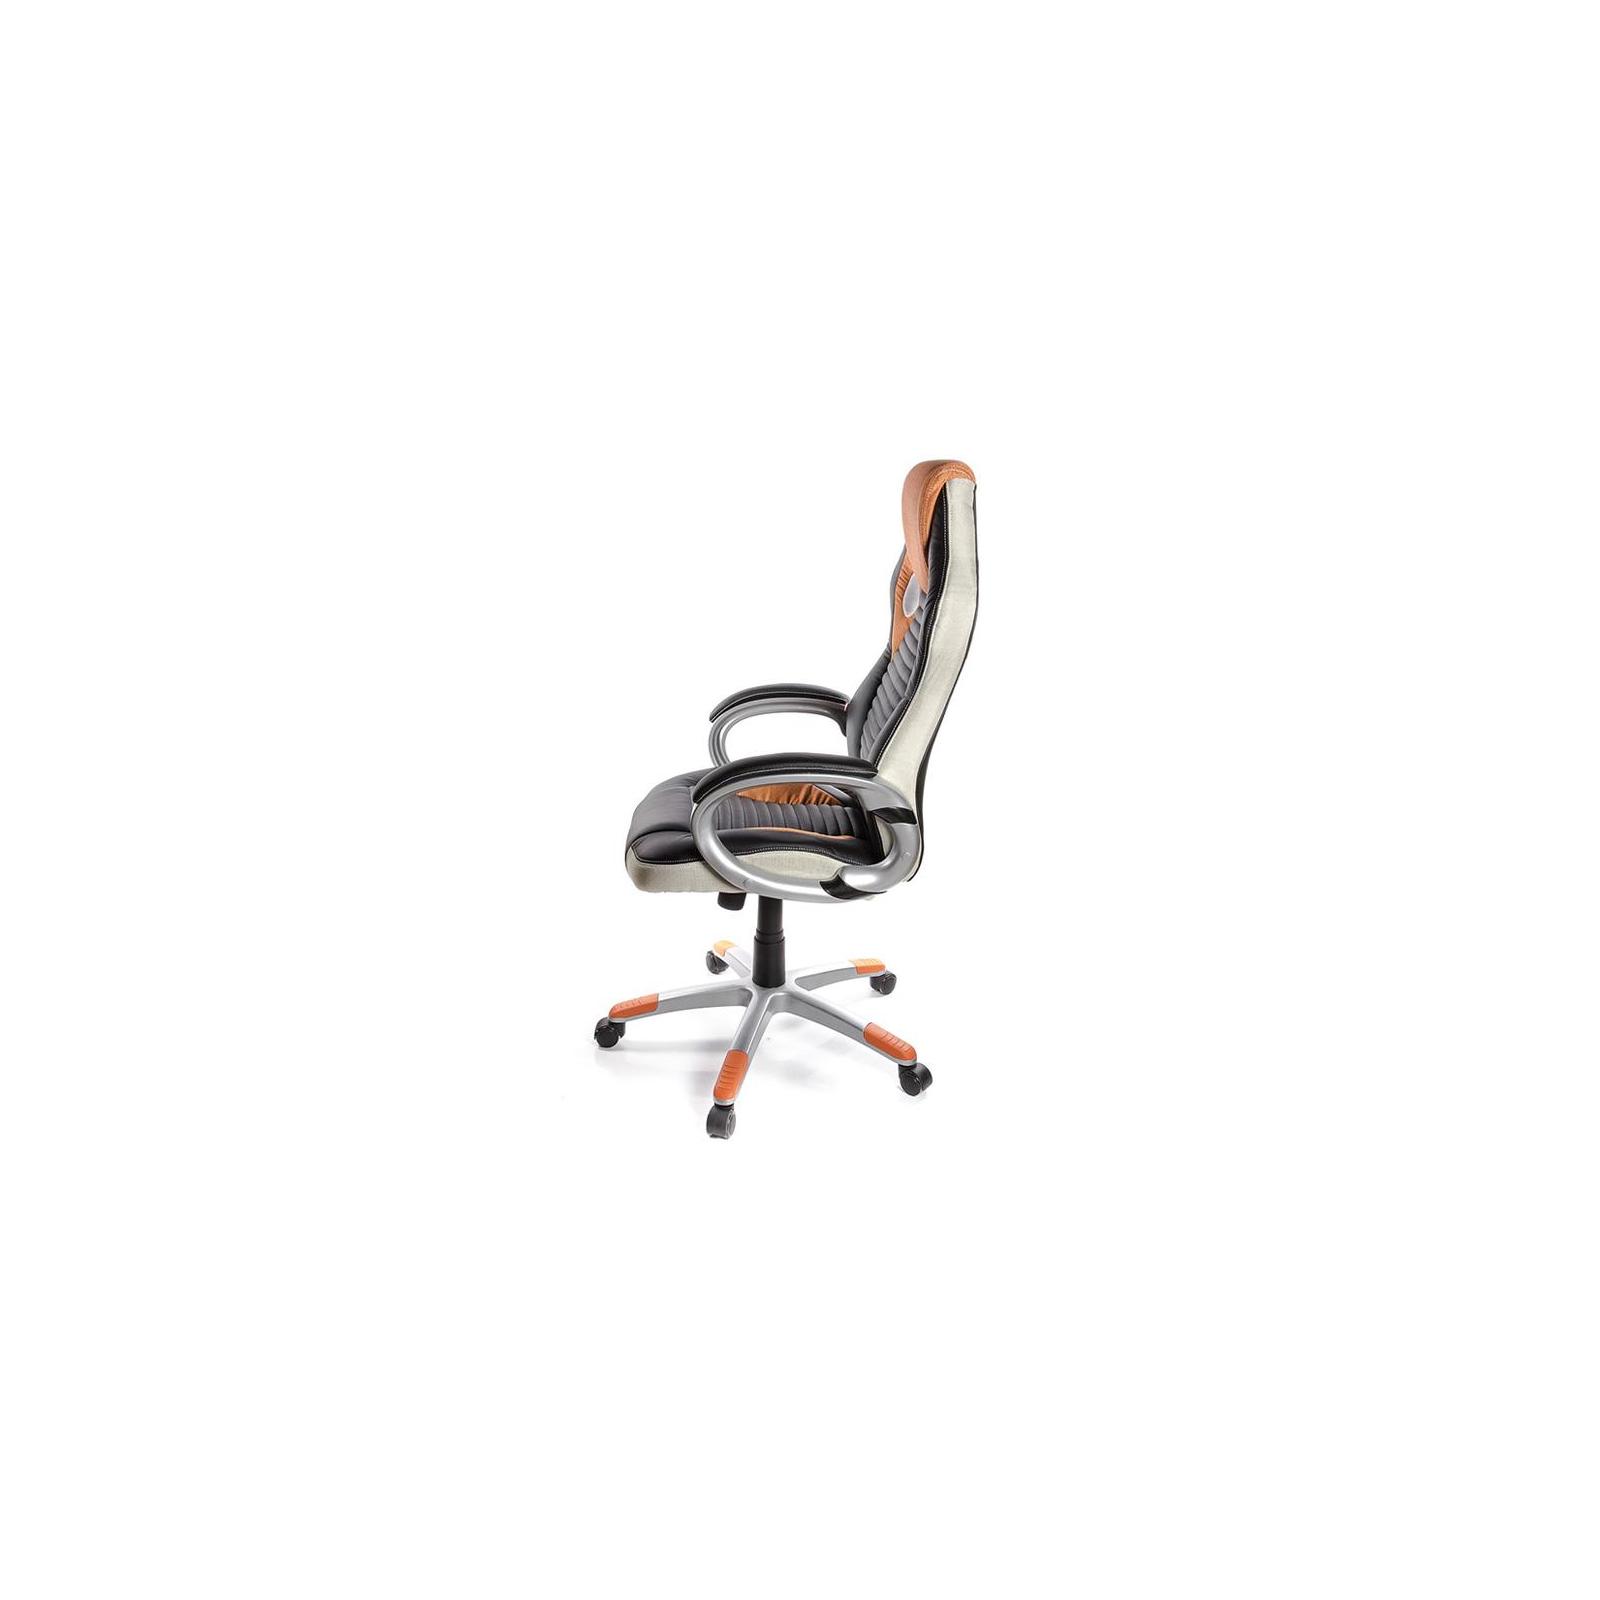 Кресло игровое АКЛАС Григ PL TILT Оранжевое (06157) изображение 3